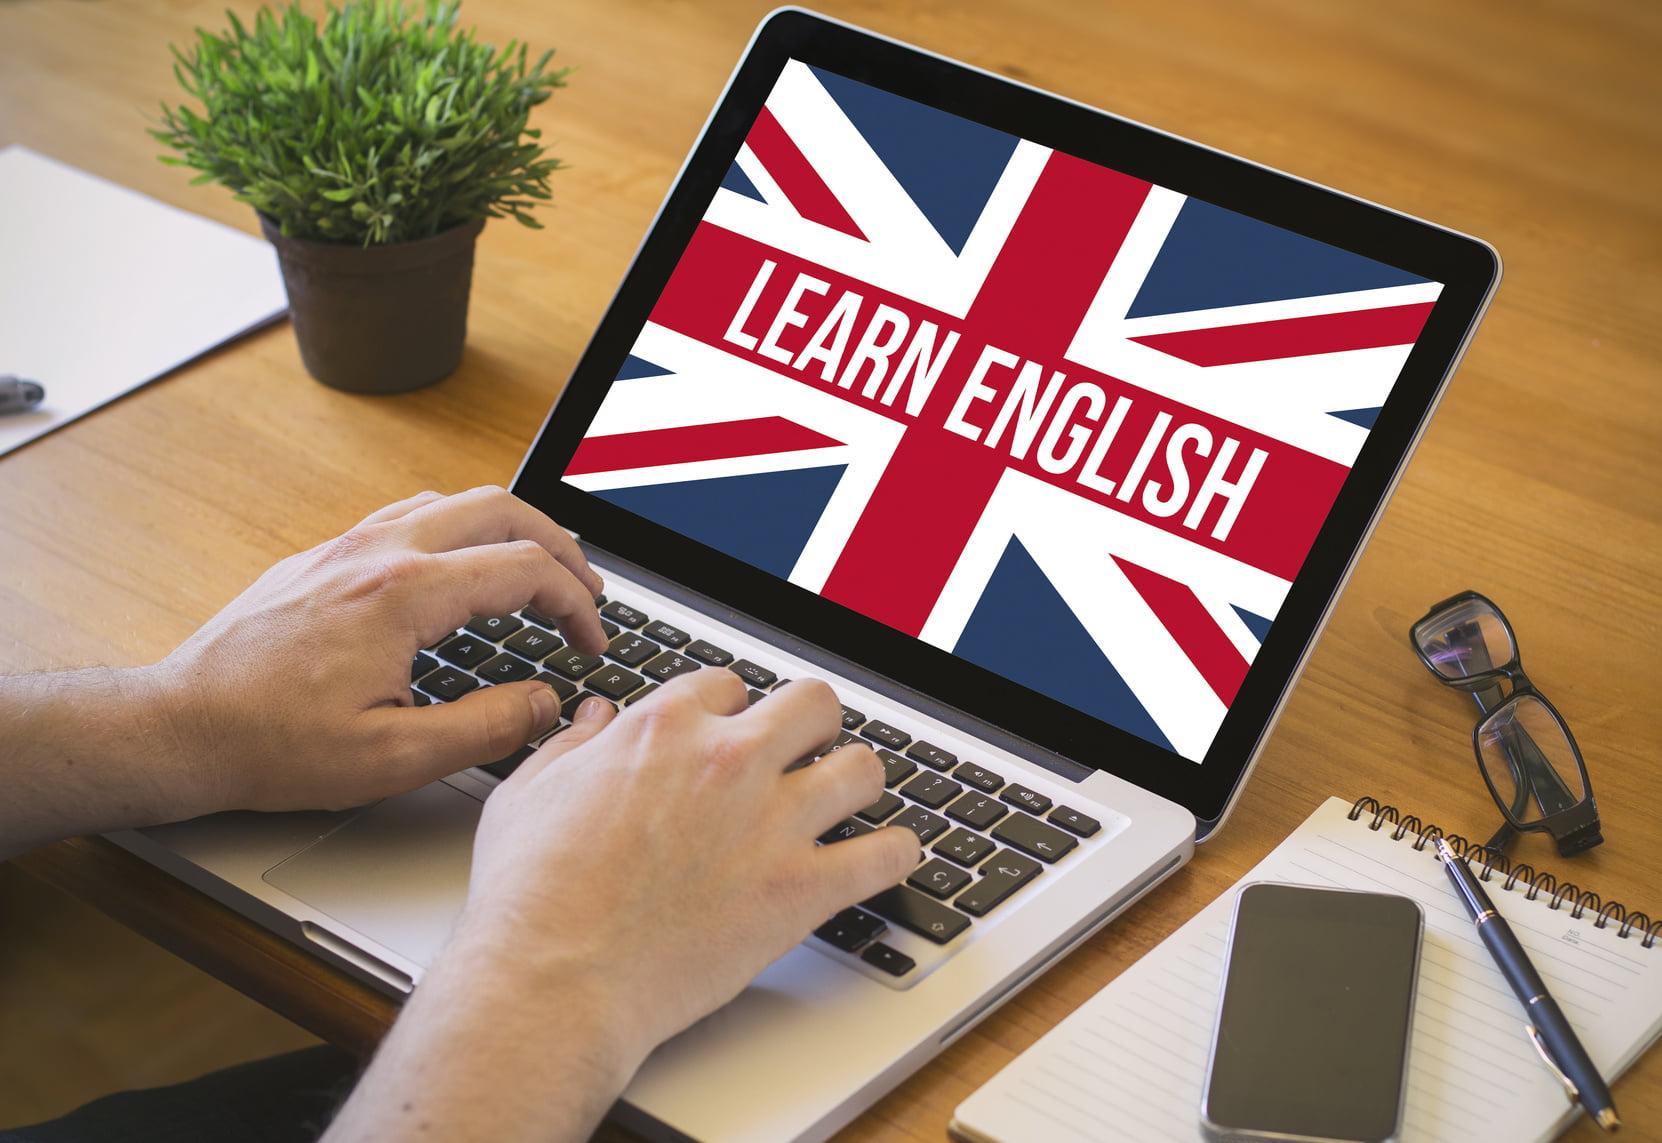 learn_english_language_1 Astuces pour apprendre une langue étrangère rapidement